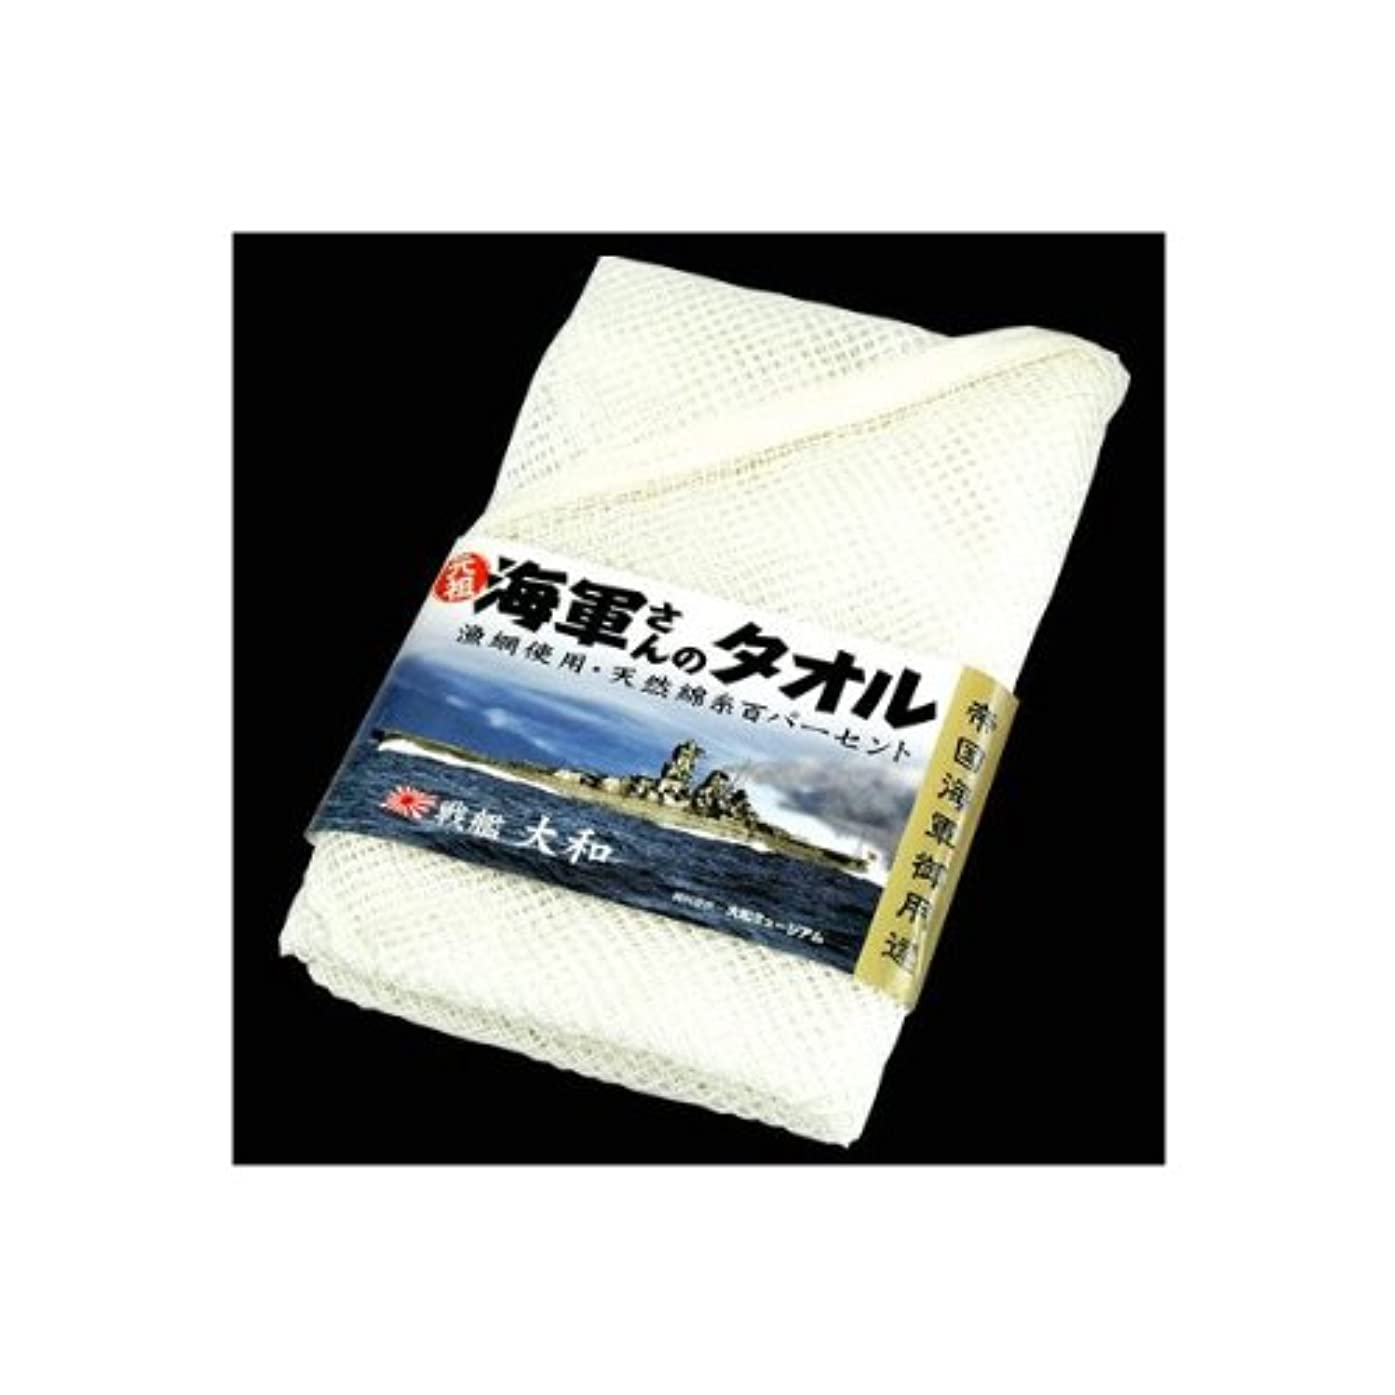 スカープ到着メイド漁網タオル【元祖 海軍さんのタオル(ホワイト)】